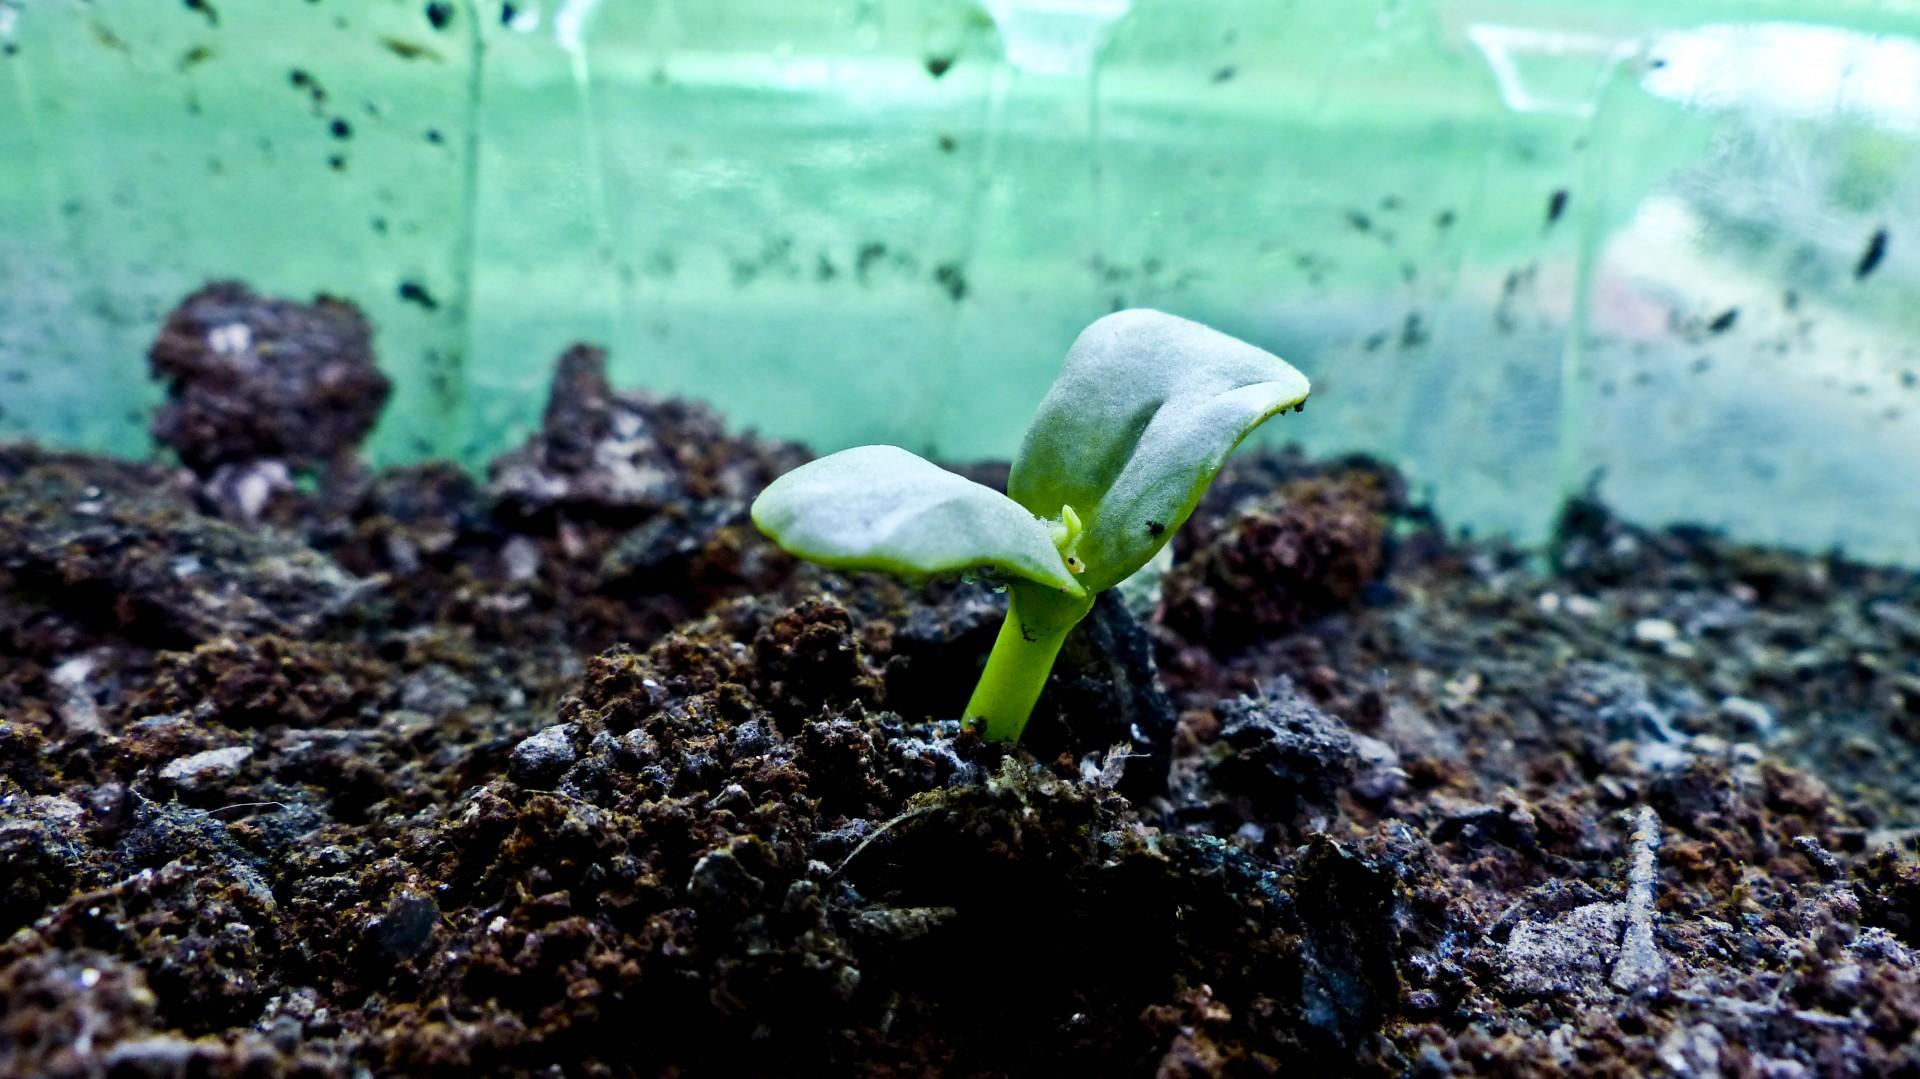 Las semillas necesitan luz, agua y tierra para germinar